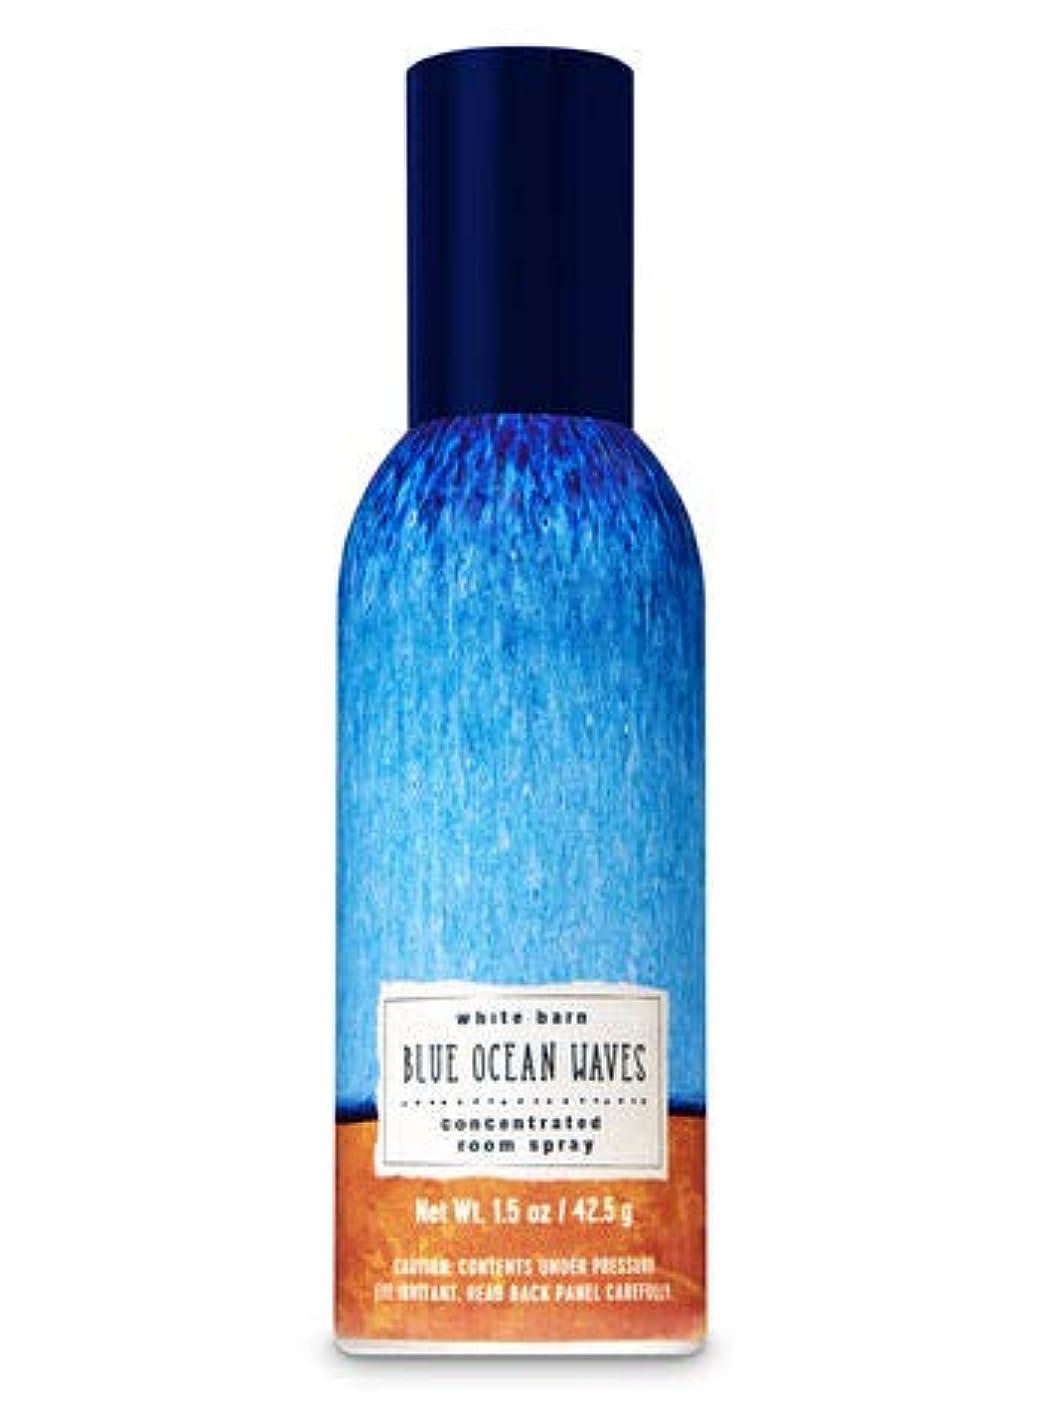 強要止まる彼自身【Bath&Body Works/バス&ボディワークス】 ルームスプレー ブルーオーシャンウェーブ 1.5 oz. Concentrated Room Spray/Room Perfume Blue Ocean Waves [並行輸入品]